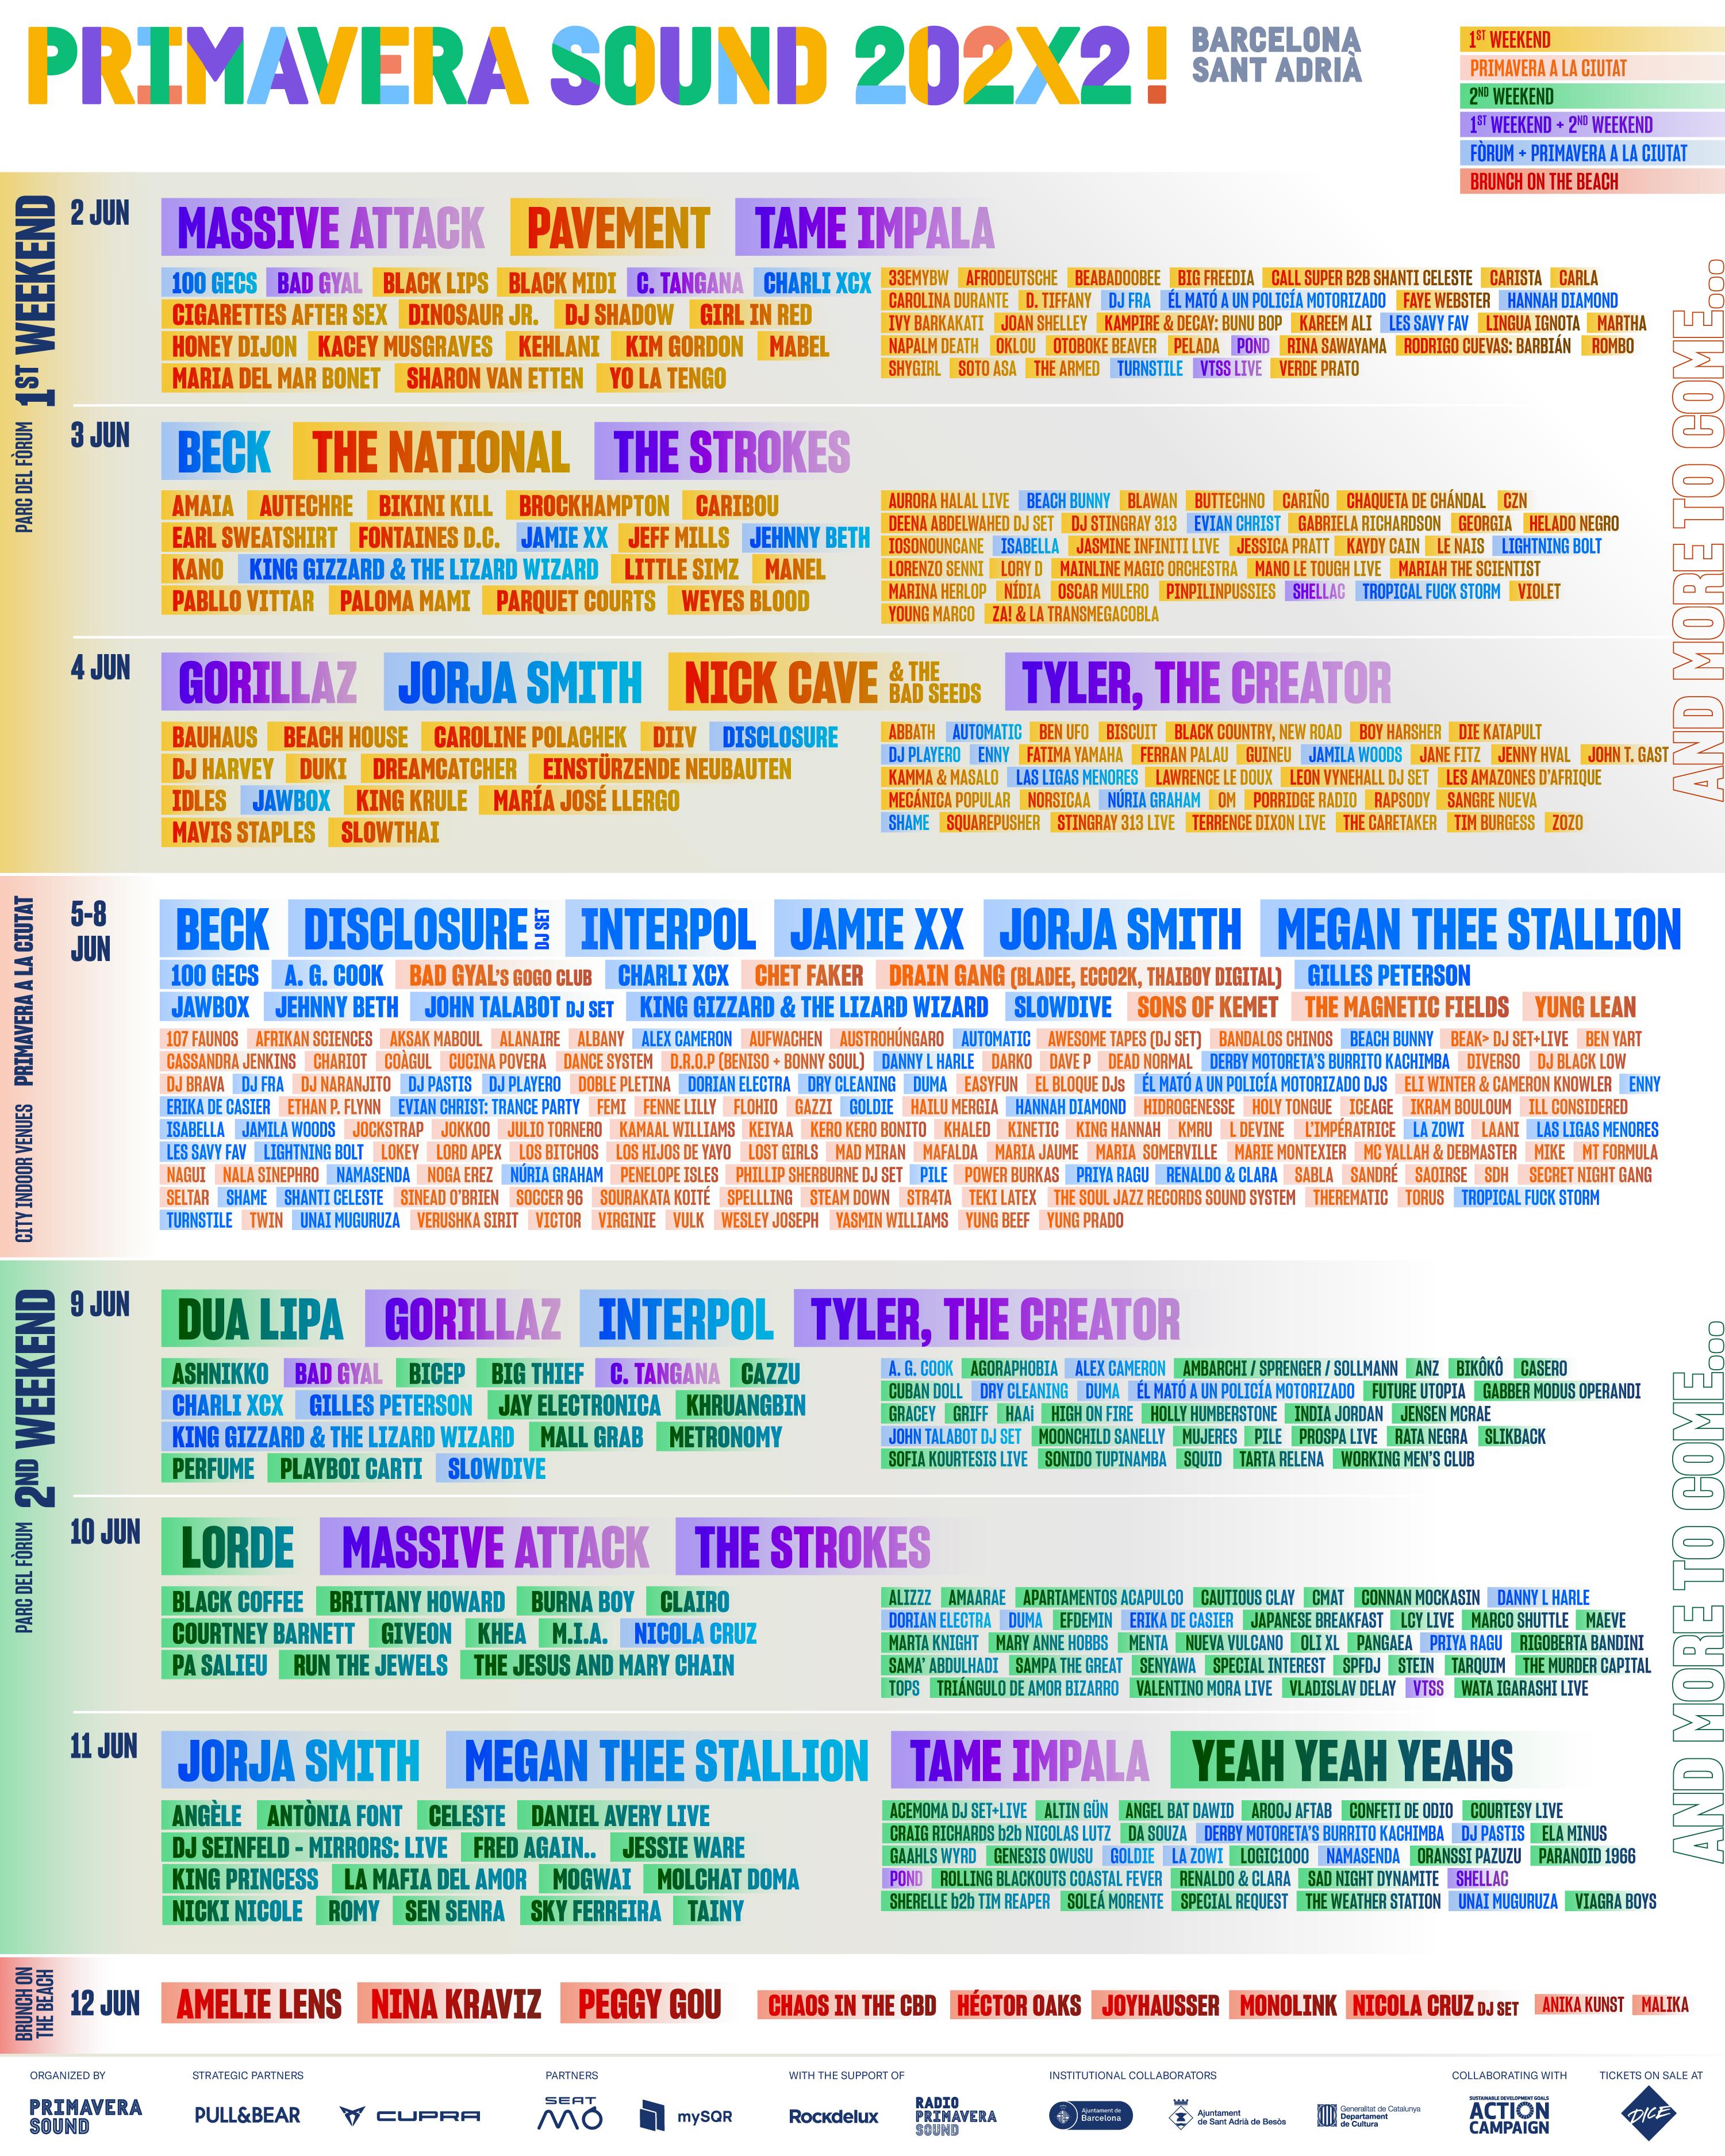 Lorde é anunciada como headliner do Primavera Sound 2022; veja detalhes